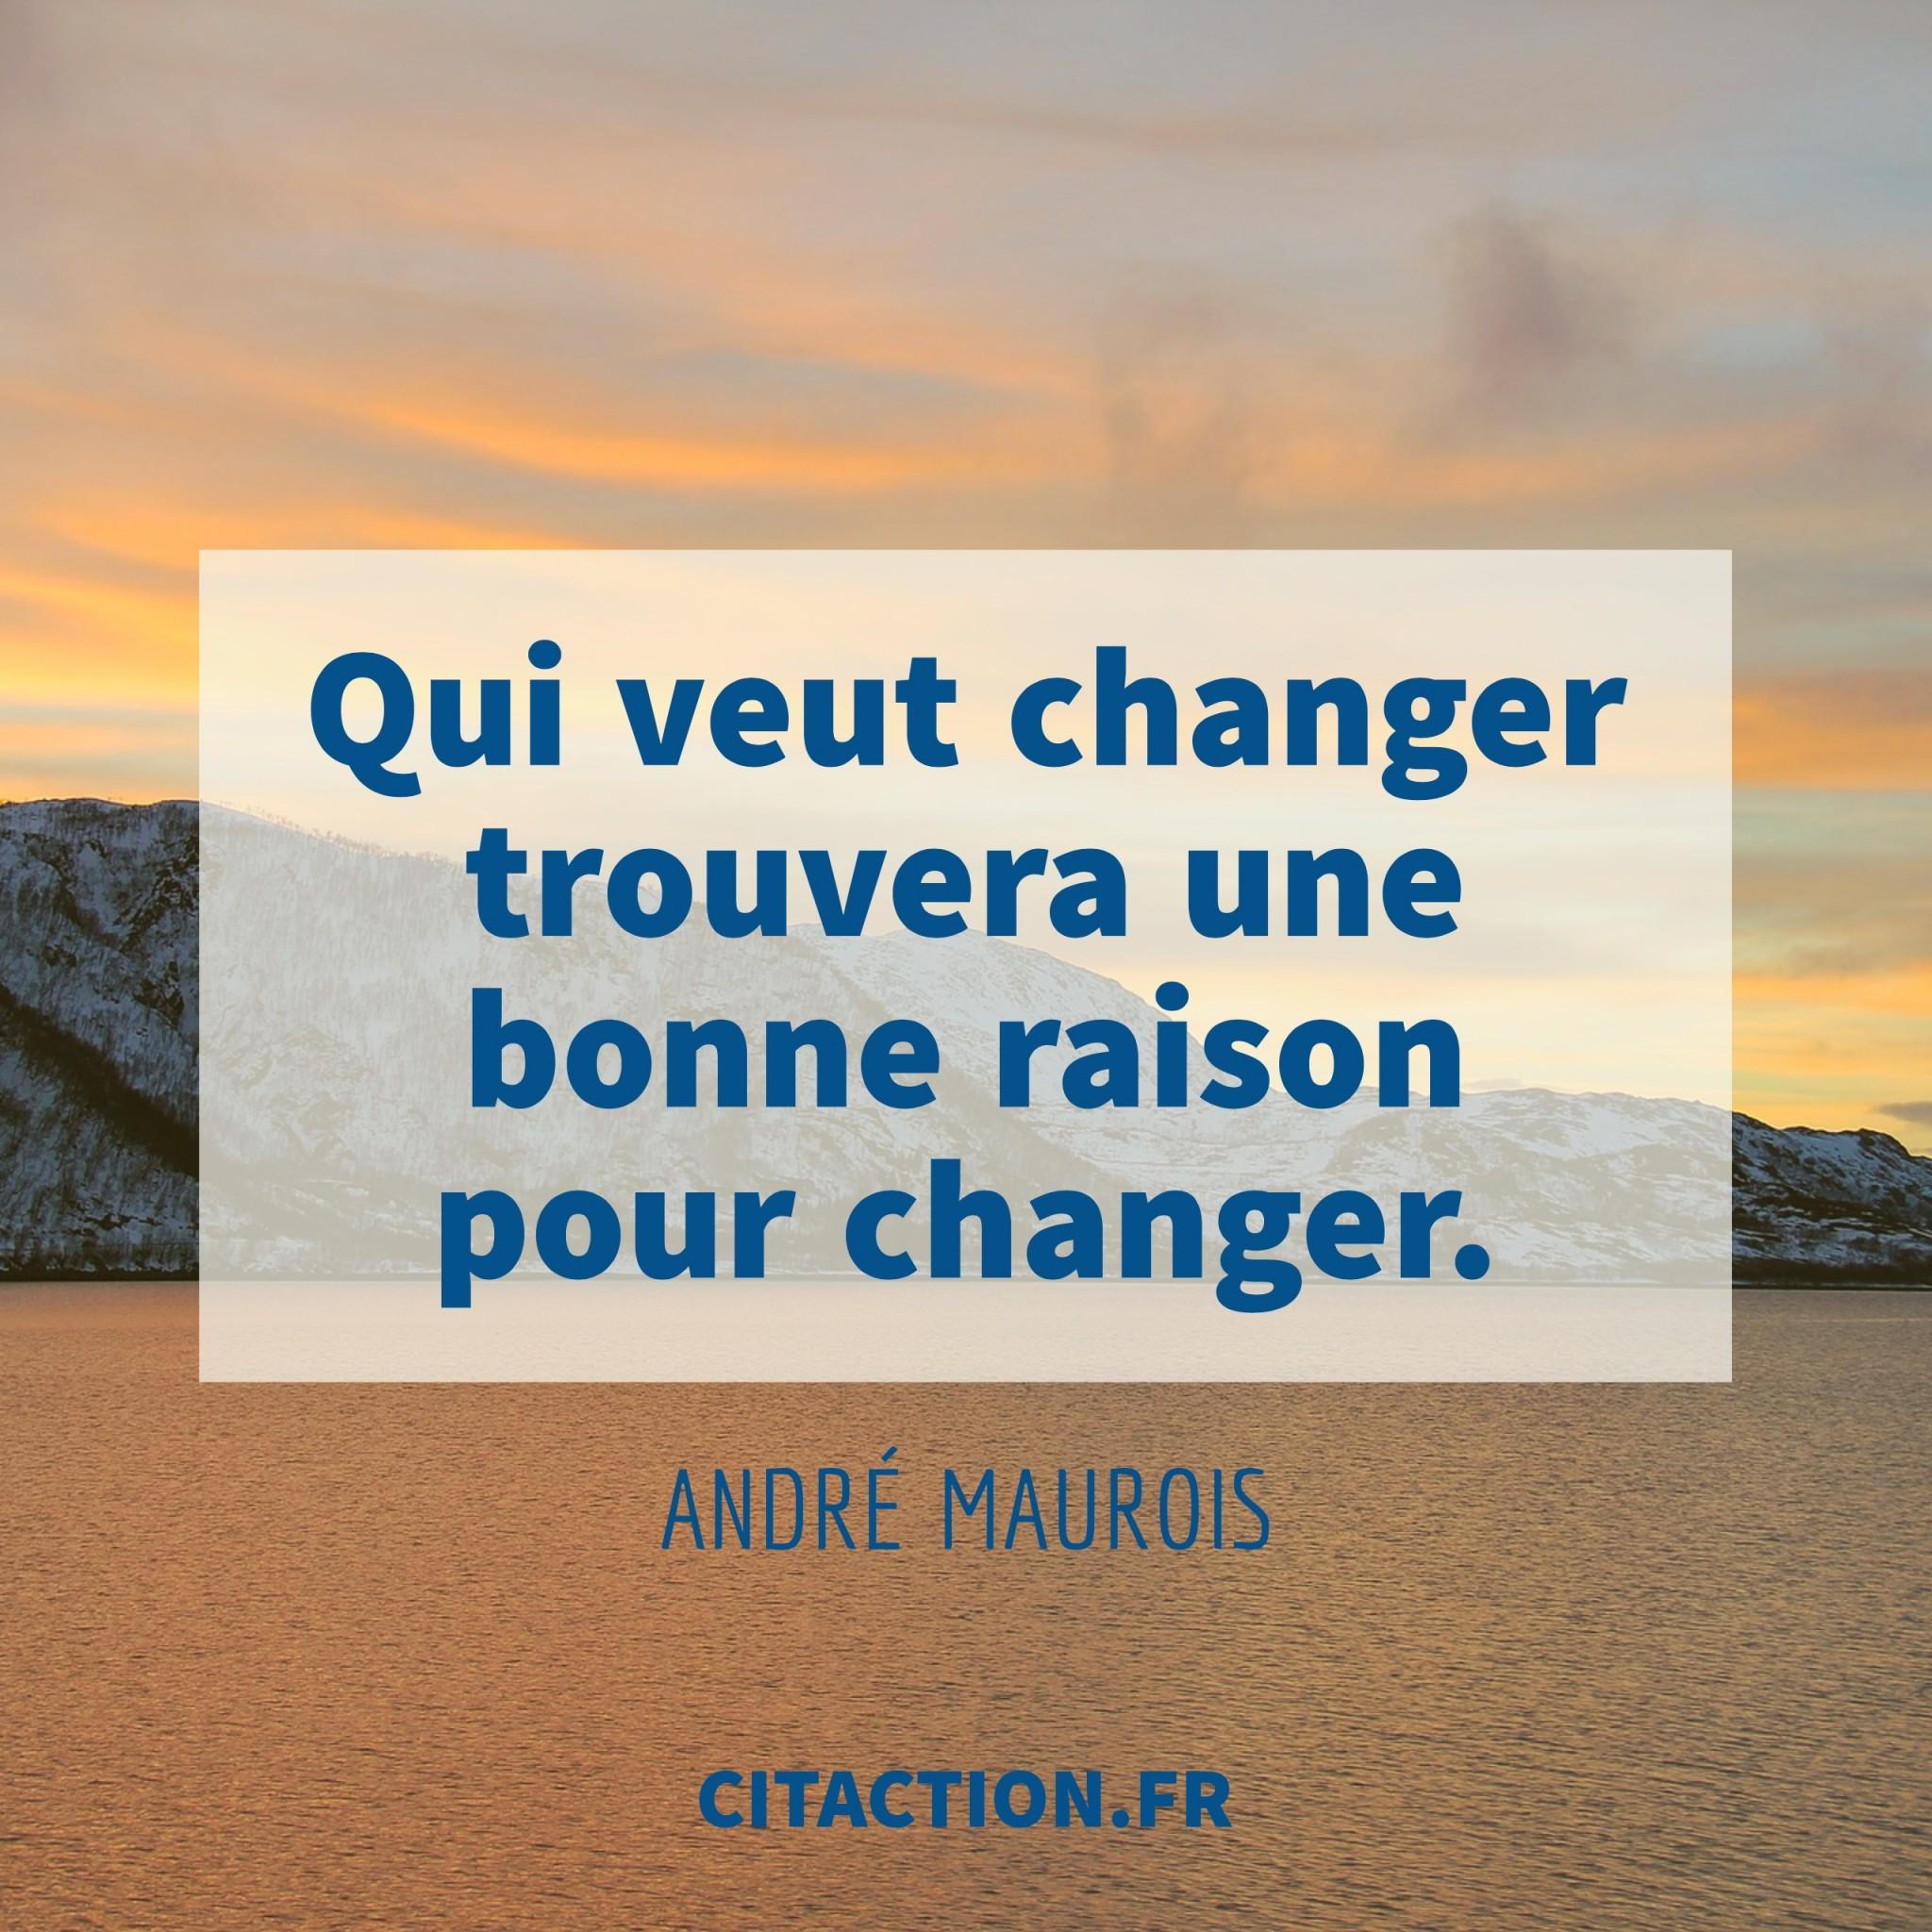 Qui veut changer trouvera une bonne raison pour changer.